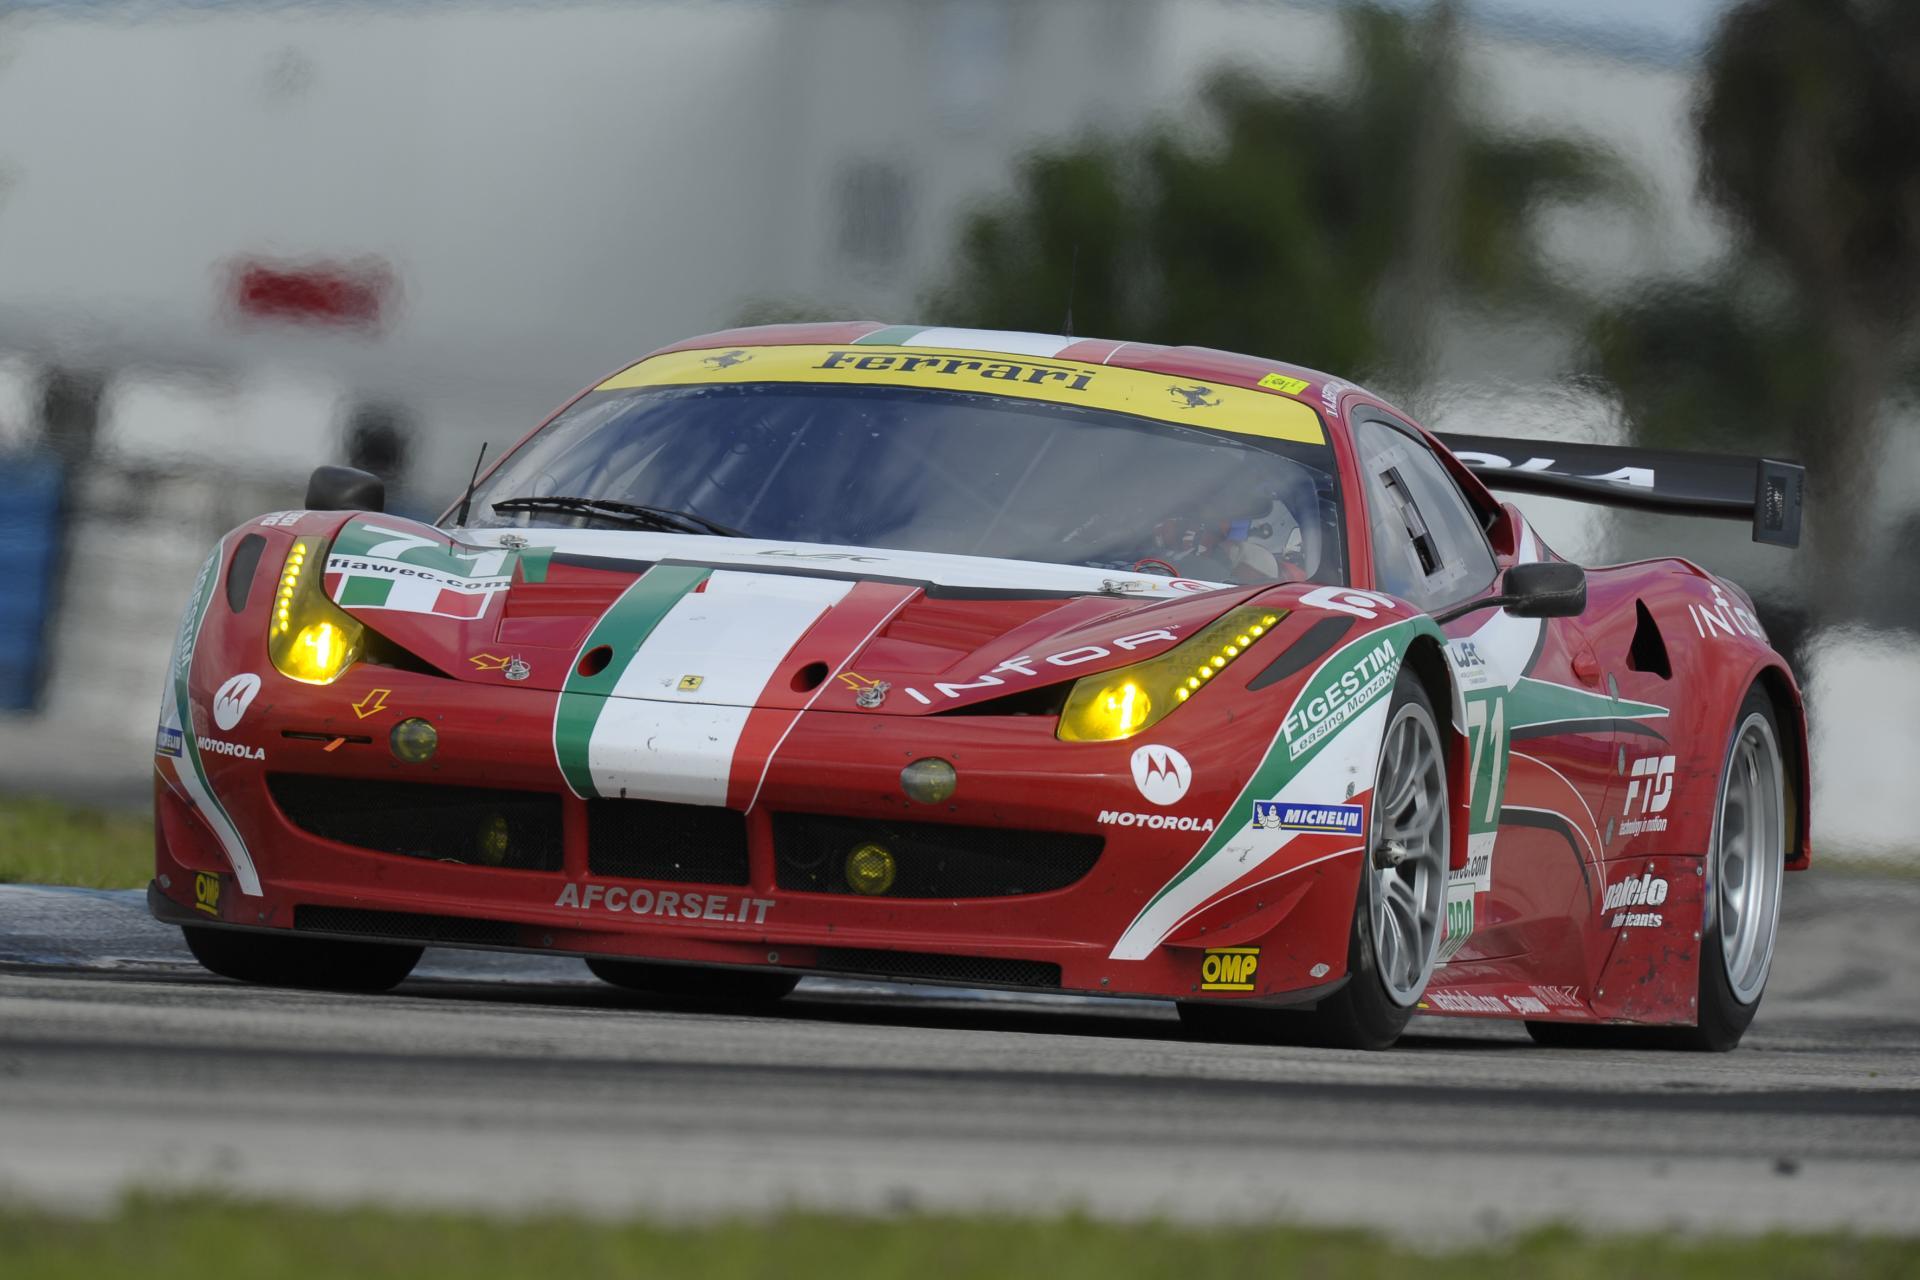 2012 Ferrari 458 Italia GT2 Images. Photo Ferrari-458